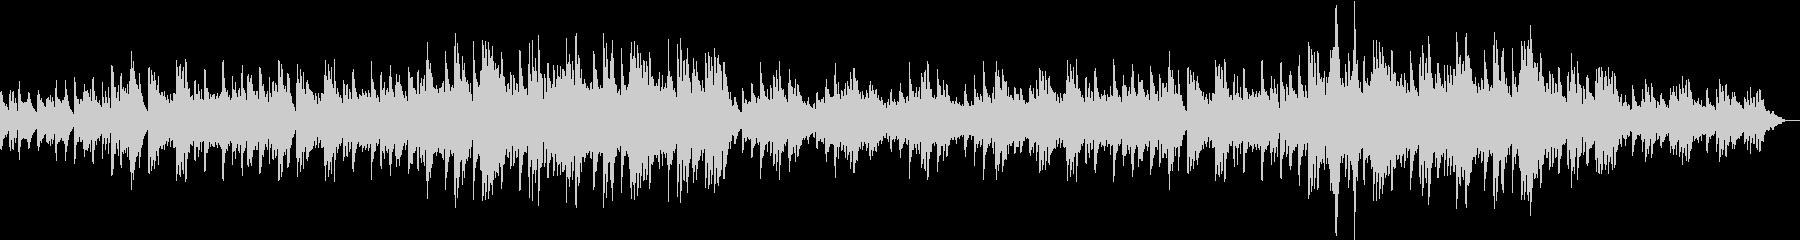 ピアノソロの壮大なバラード6/8拍子の未再生の波形